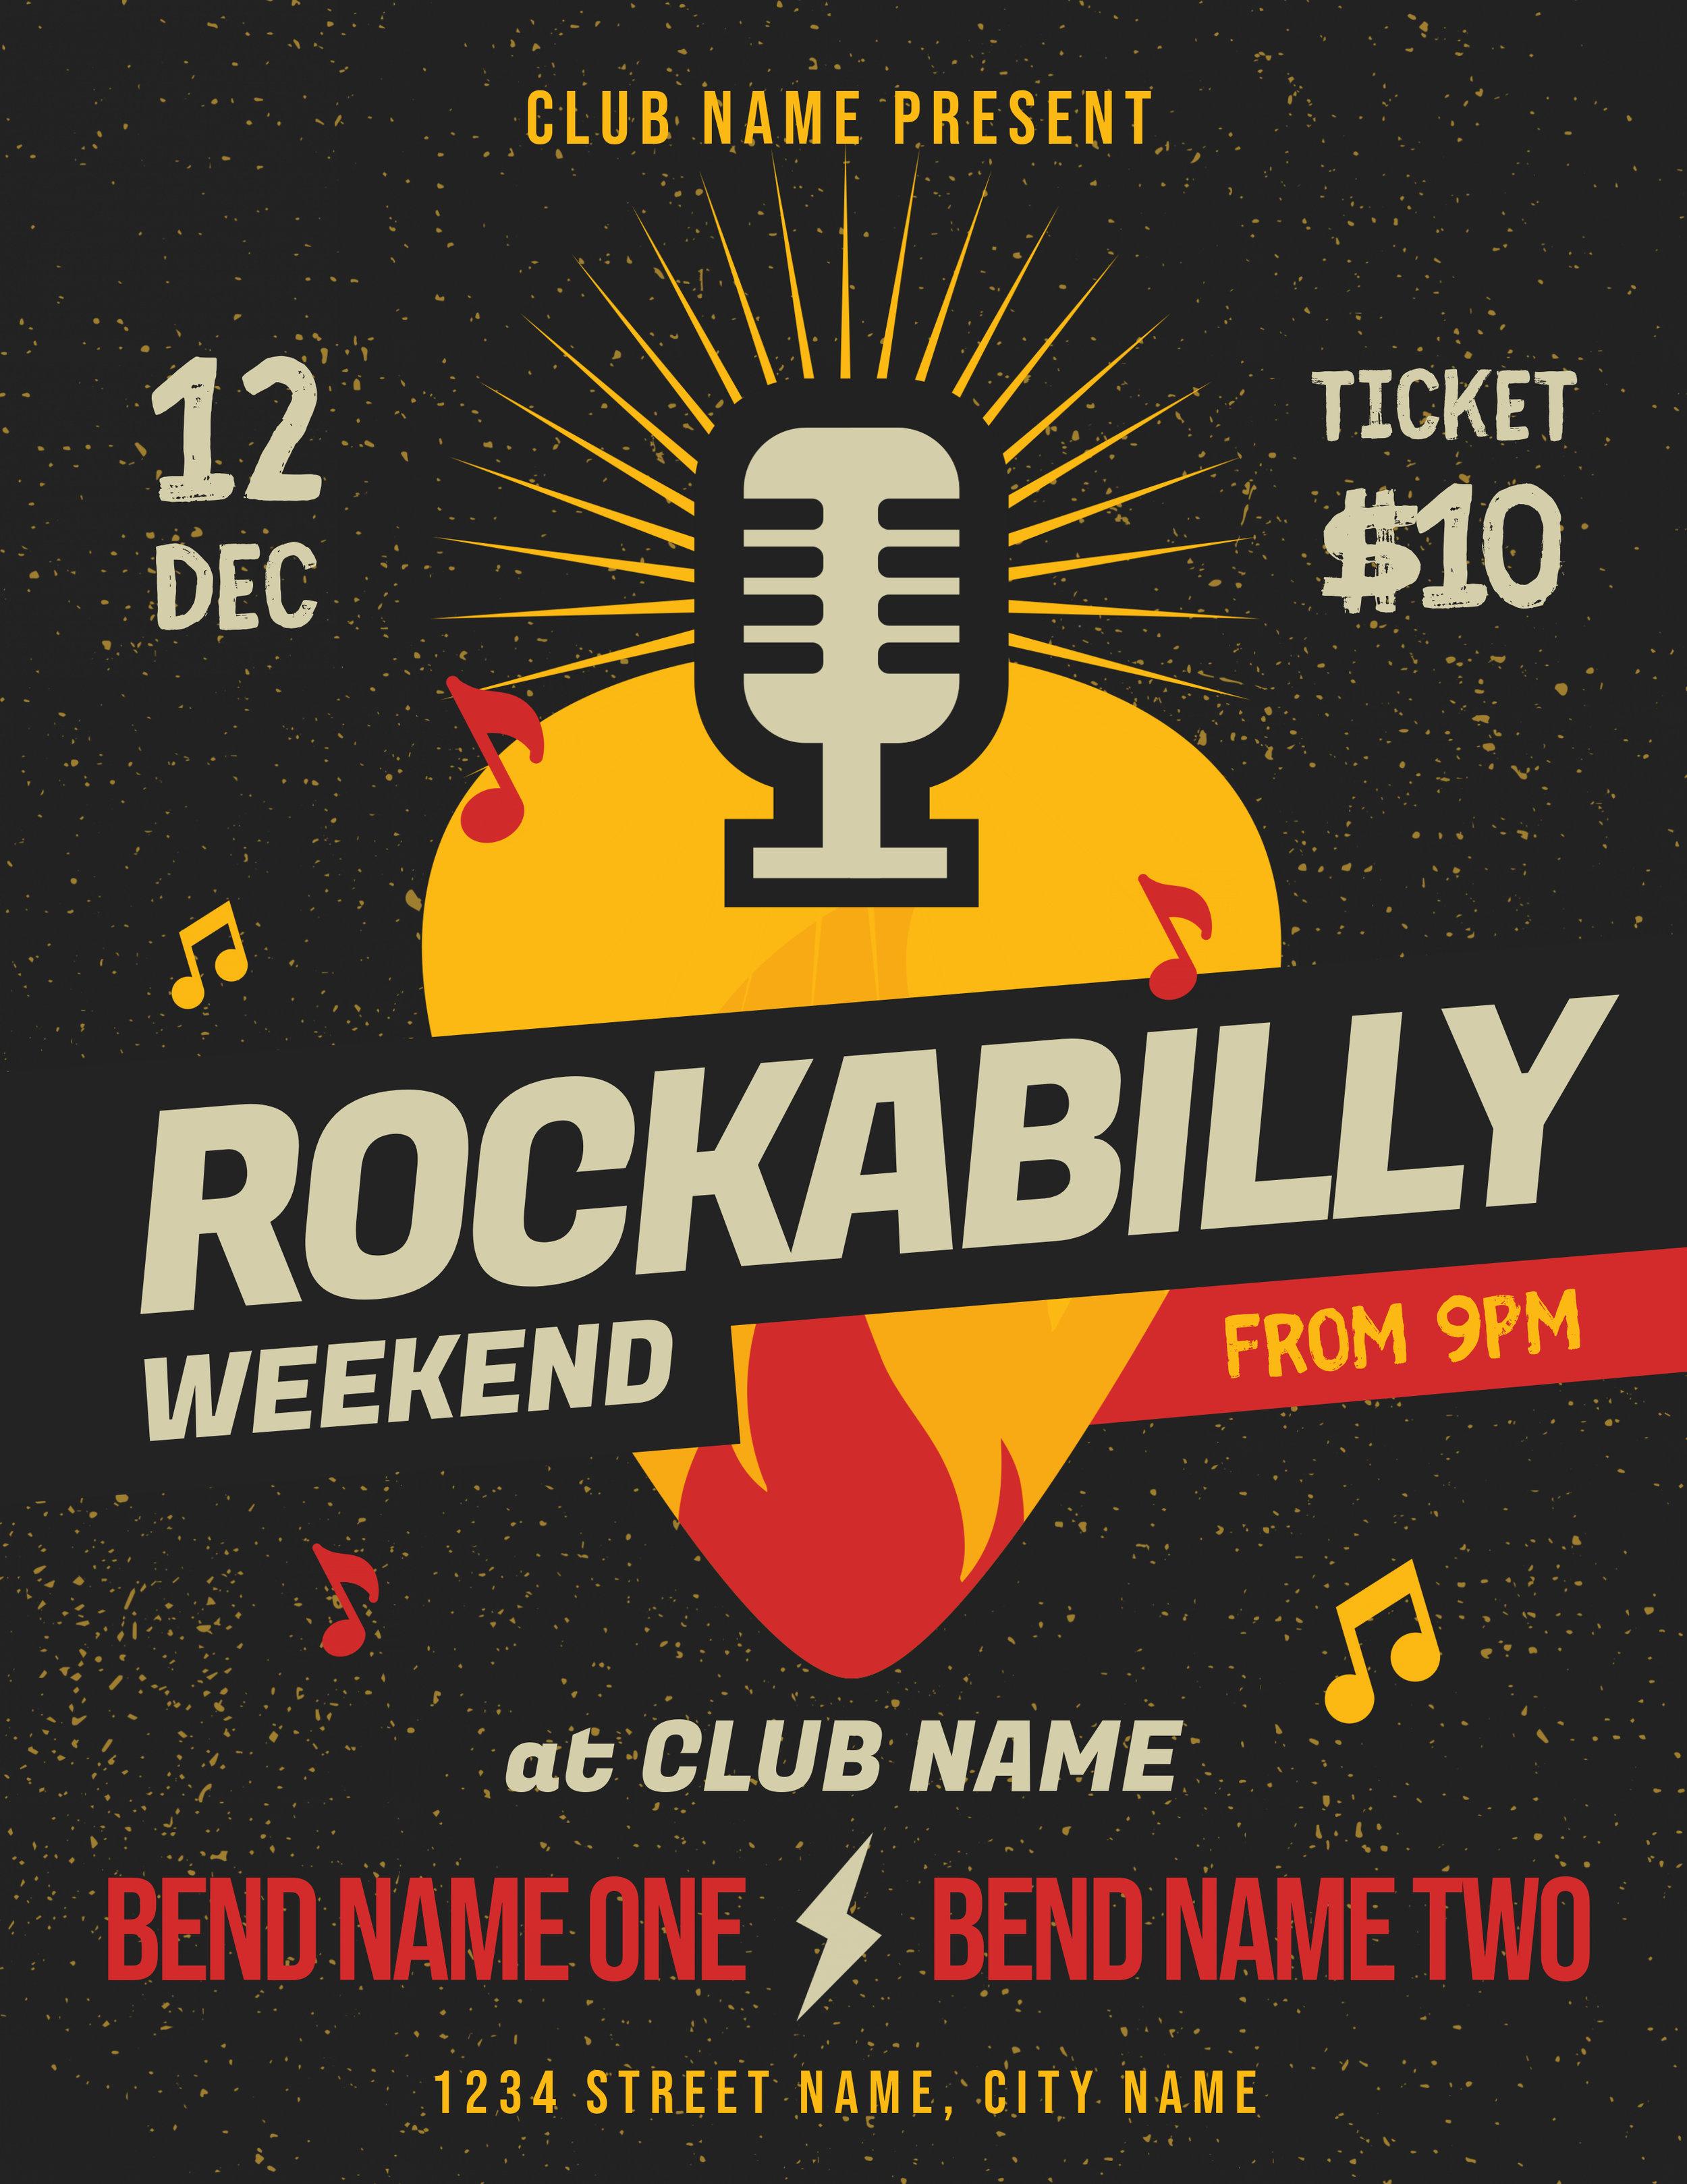 Rockabilly Music Event Flyer Template.jpg